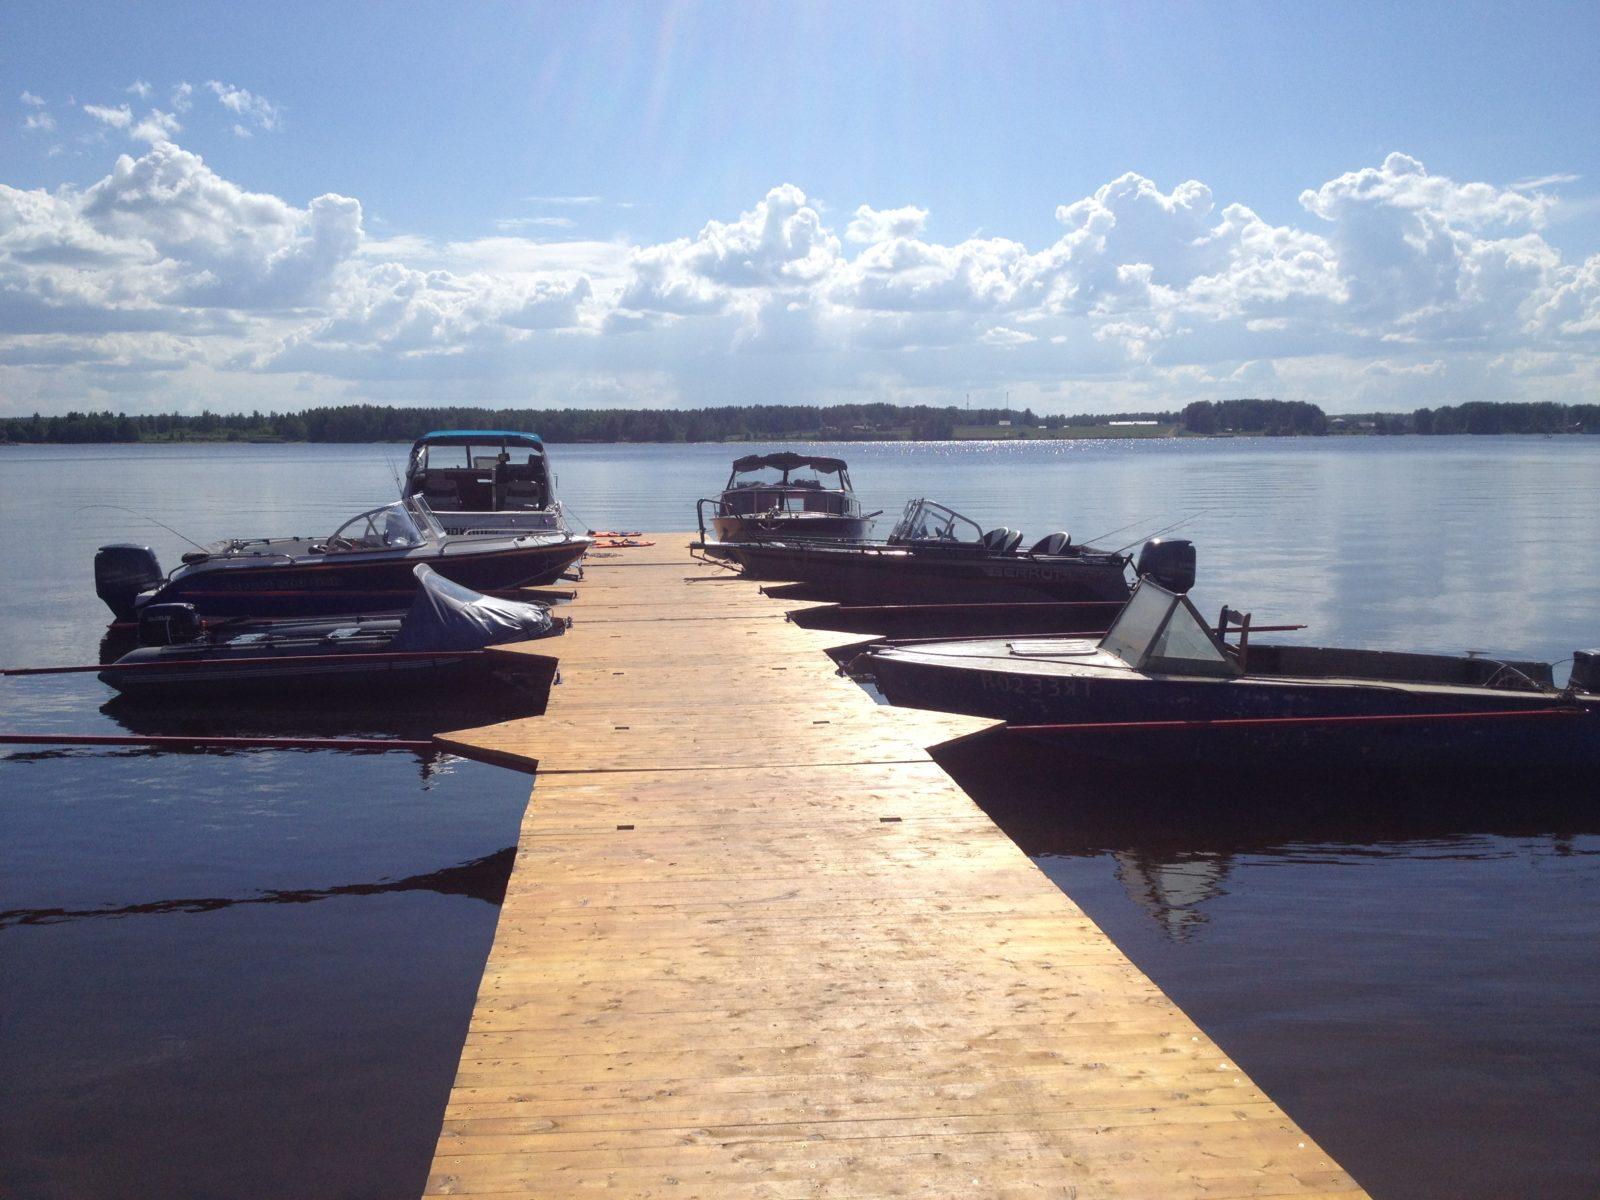 катера у причала рыбалка охота и отдых рыболовная база Черкасово рыбинское водохранилище - Наши катера у причала